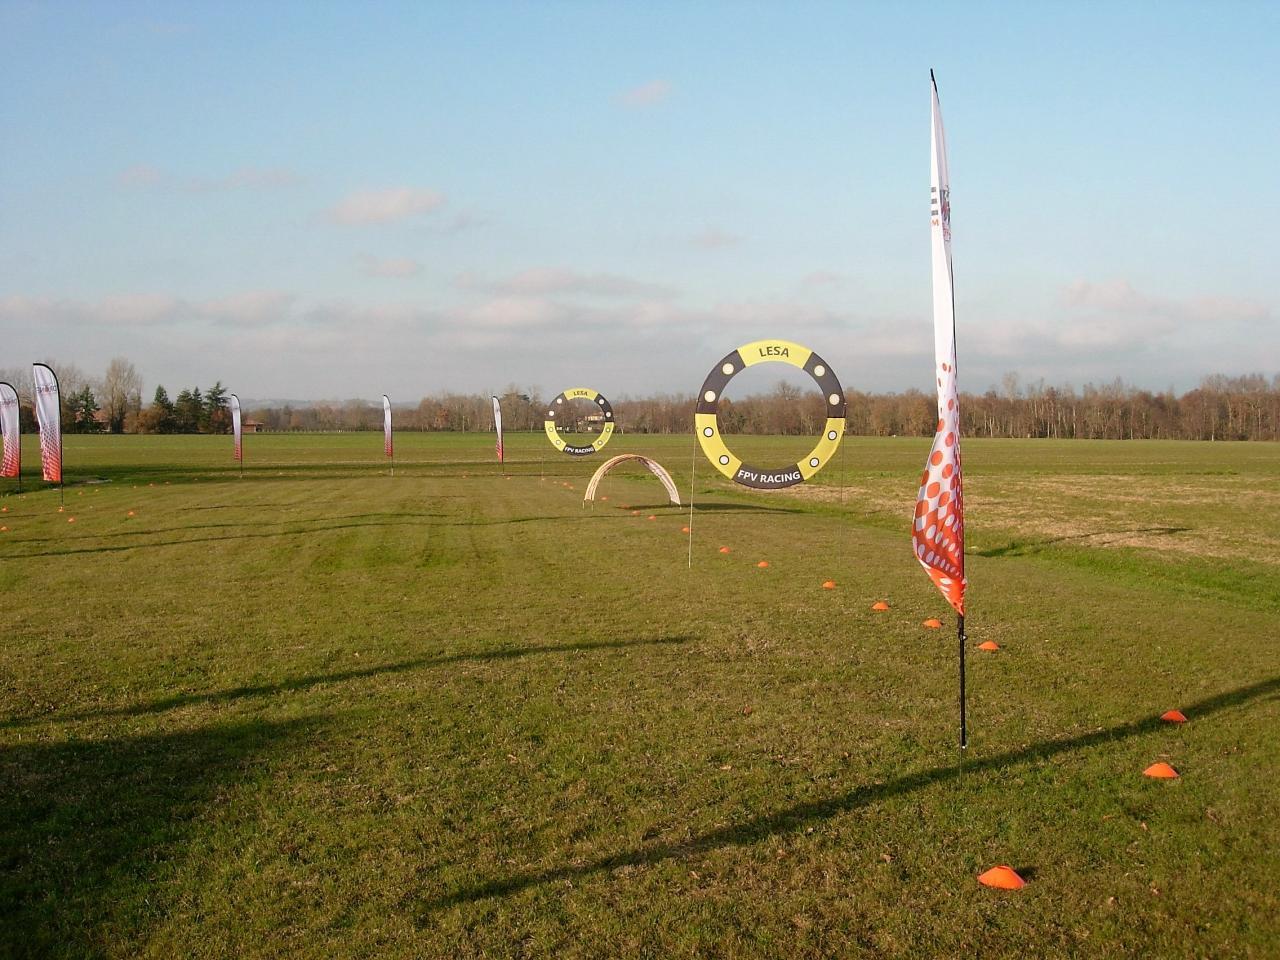 Mise en place pour essai du circuit drones FPV Racer (Fred)